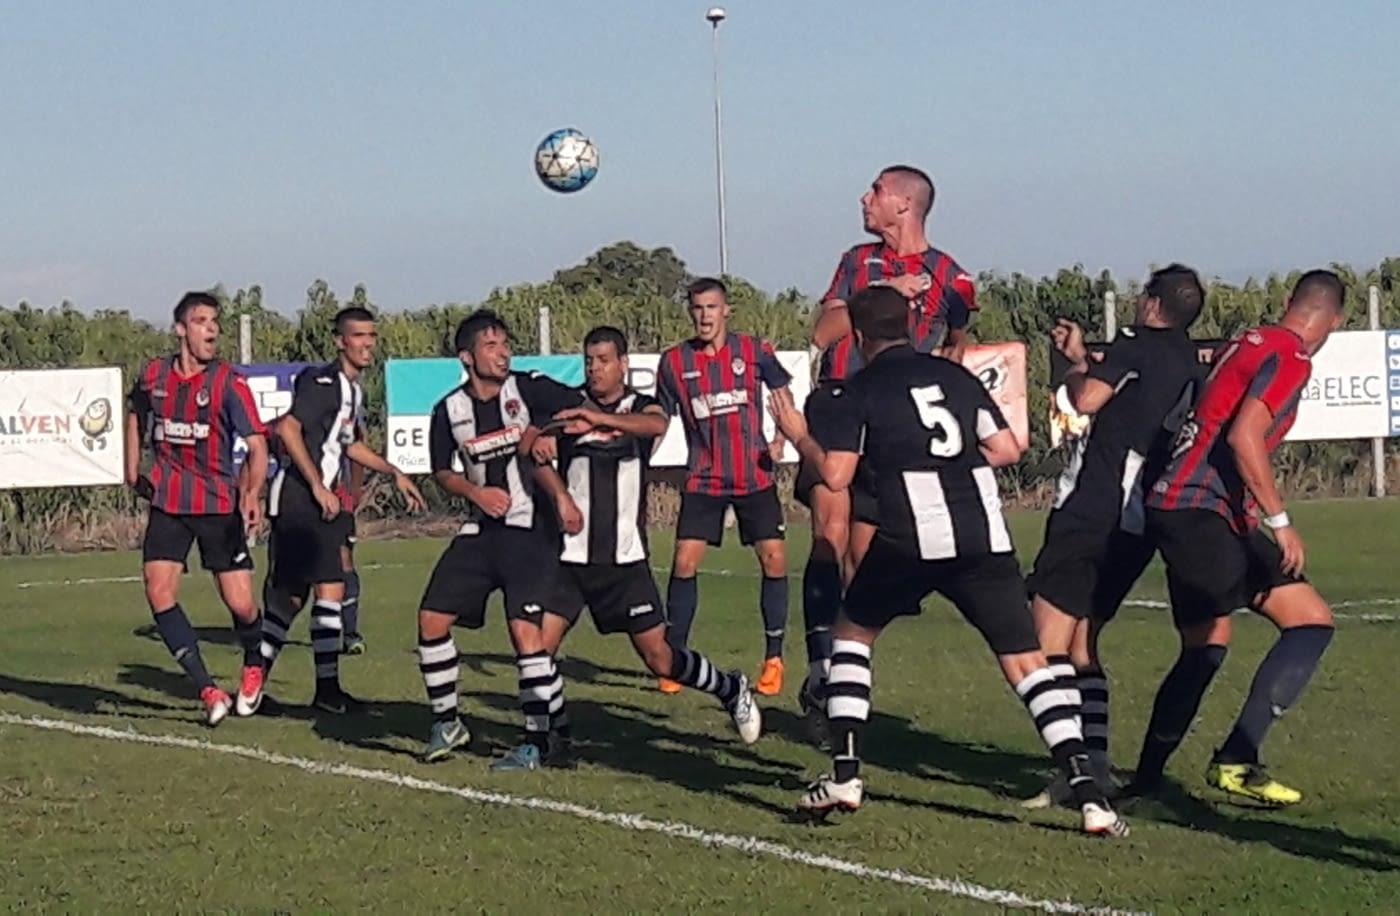 VICTÒRIA EN EL DARRER PARTIT DE PRETEMPORADA // La UE. Tàrrega guanya a Benavent de Segrià la XIV edició del memorial Ramon Farré, al vèncer a l'equip amfitrió per 0 a 2, amb gols de Sylla i Ferran